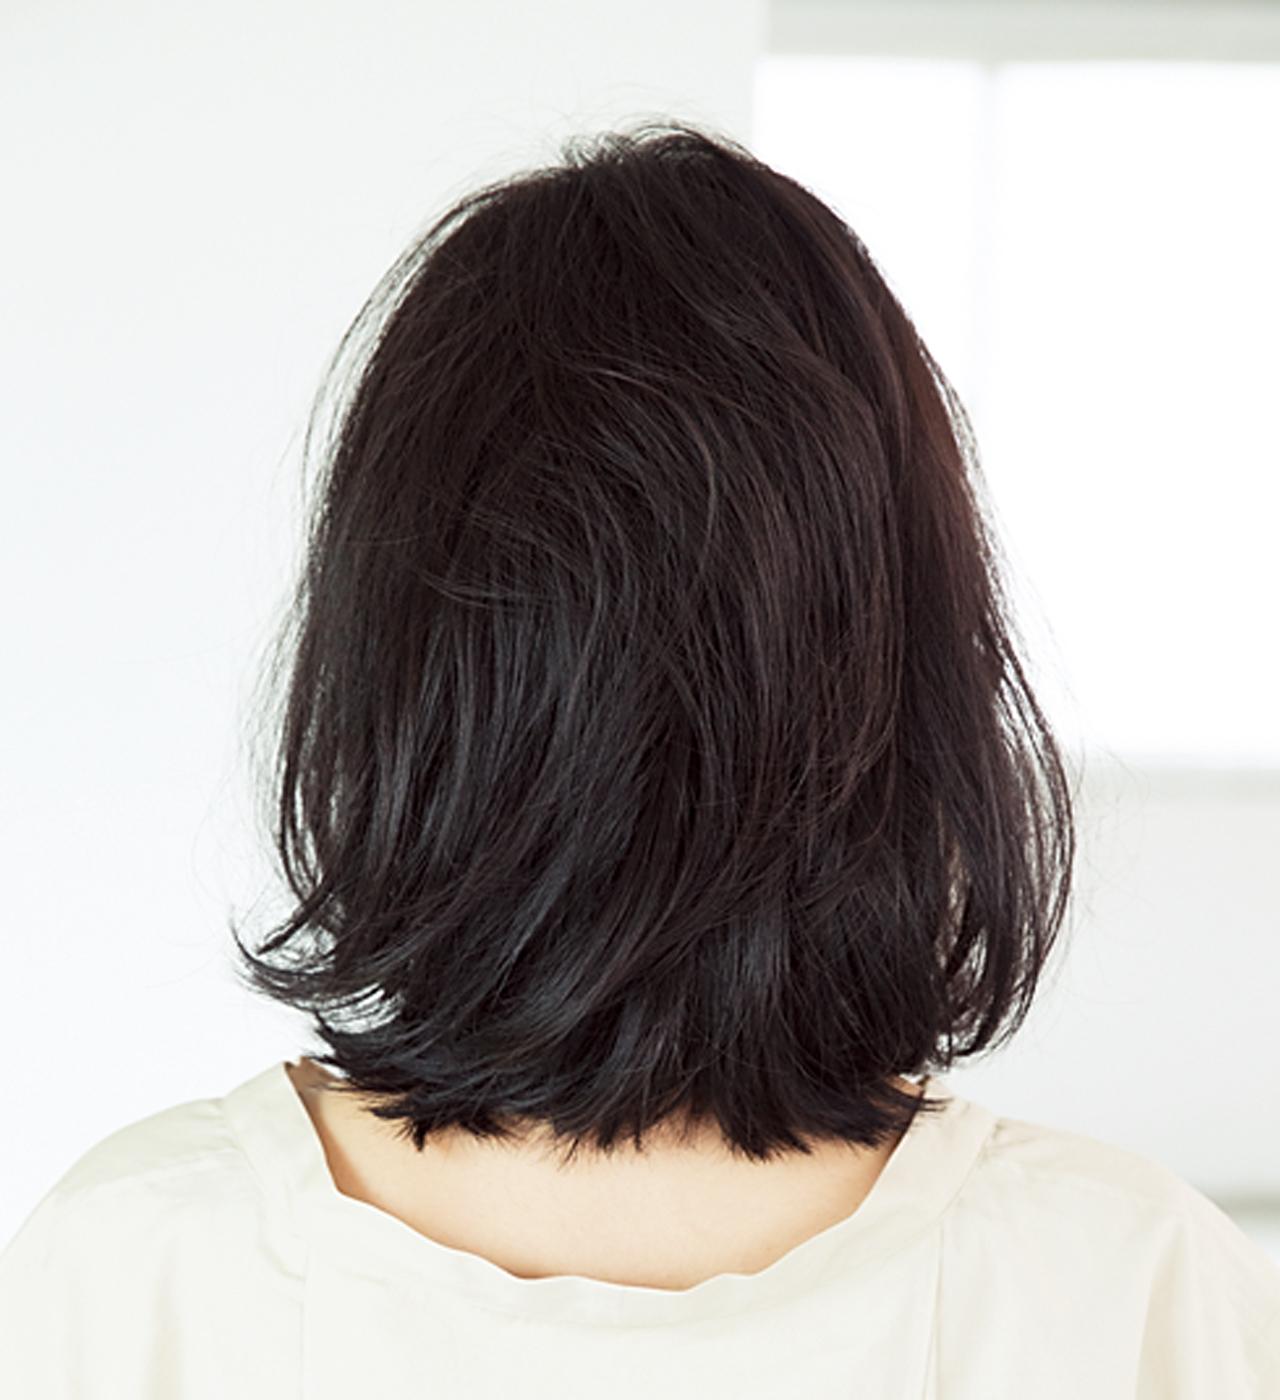 髪がぺったりしてしまうお悩みを解消。ふんわりボブヘア【40代のボブヘア】_1_3